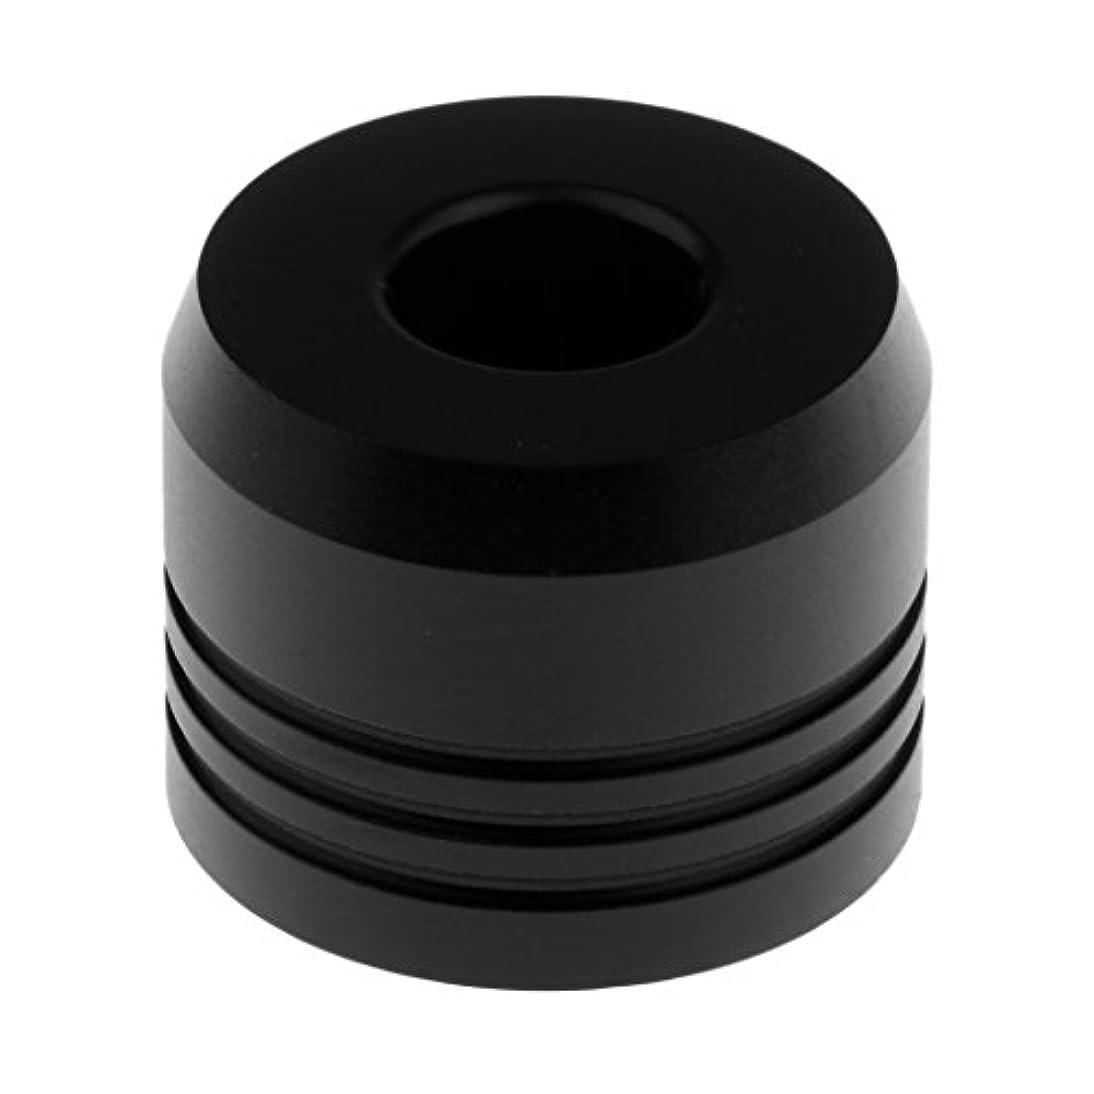 専門確認してくださいマイルドカミソリスタンド スタンド メンズ シェービング カミソリホルダー サポート 調節可 ベース 2色選べ - ブラック